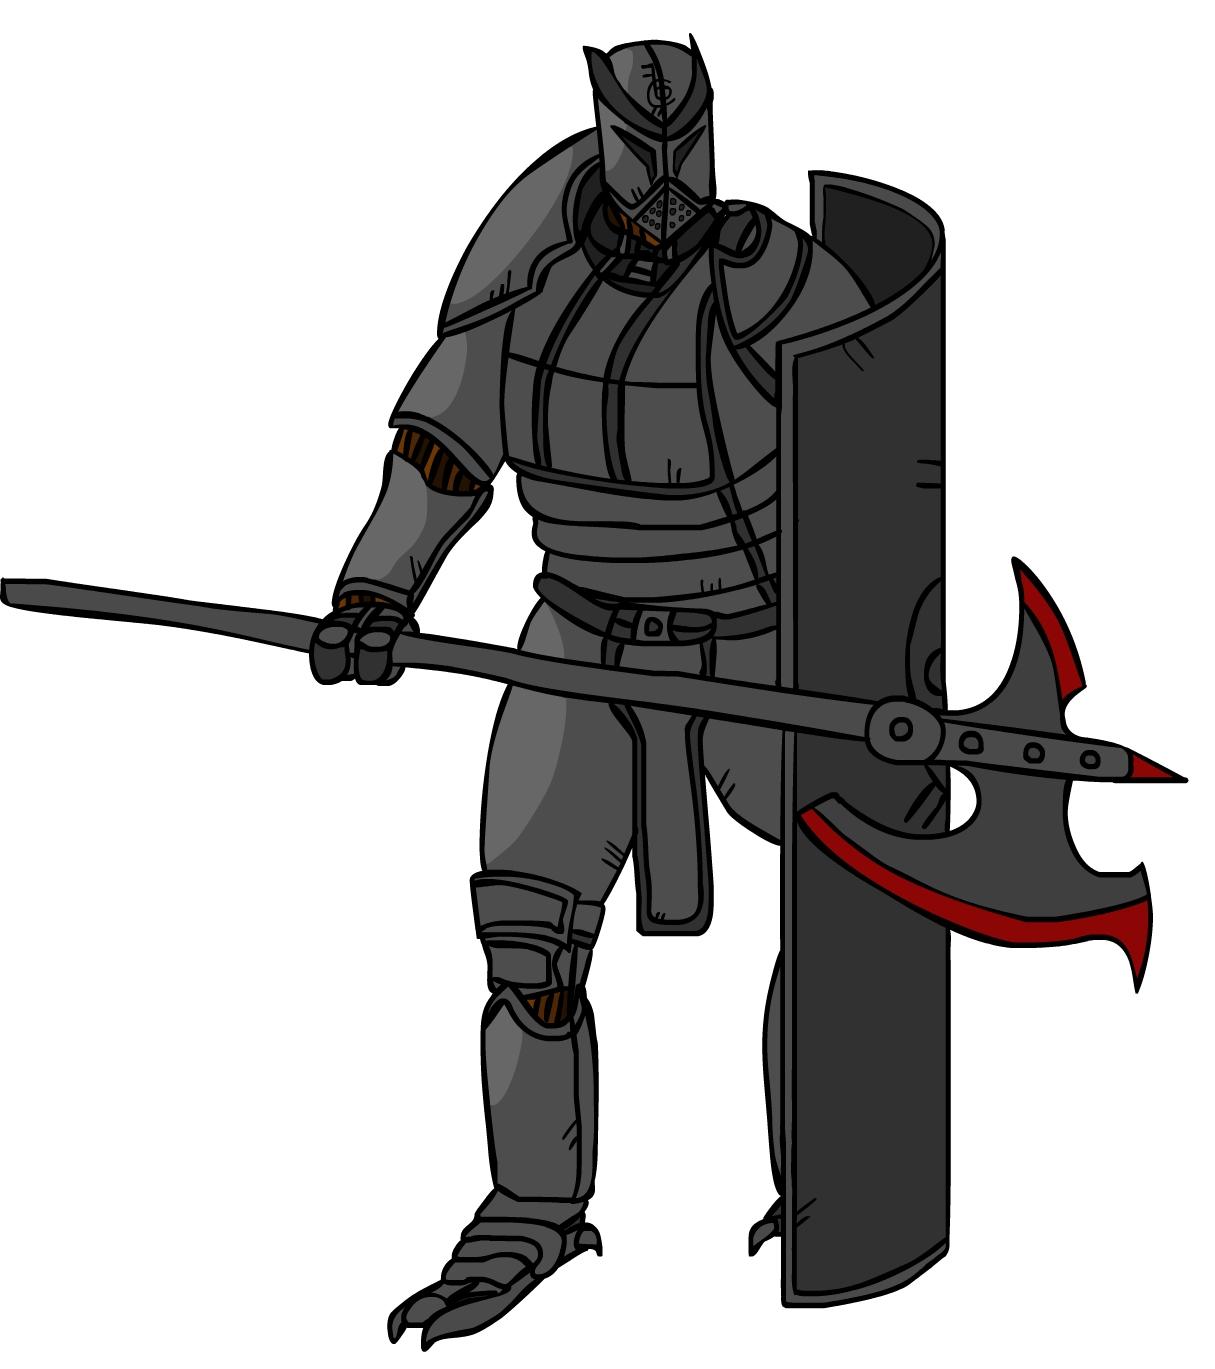 D&D-Magnus-Barbarian-V.2.5